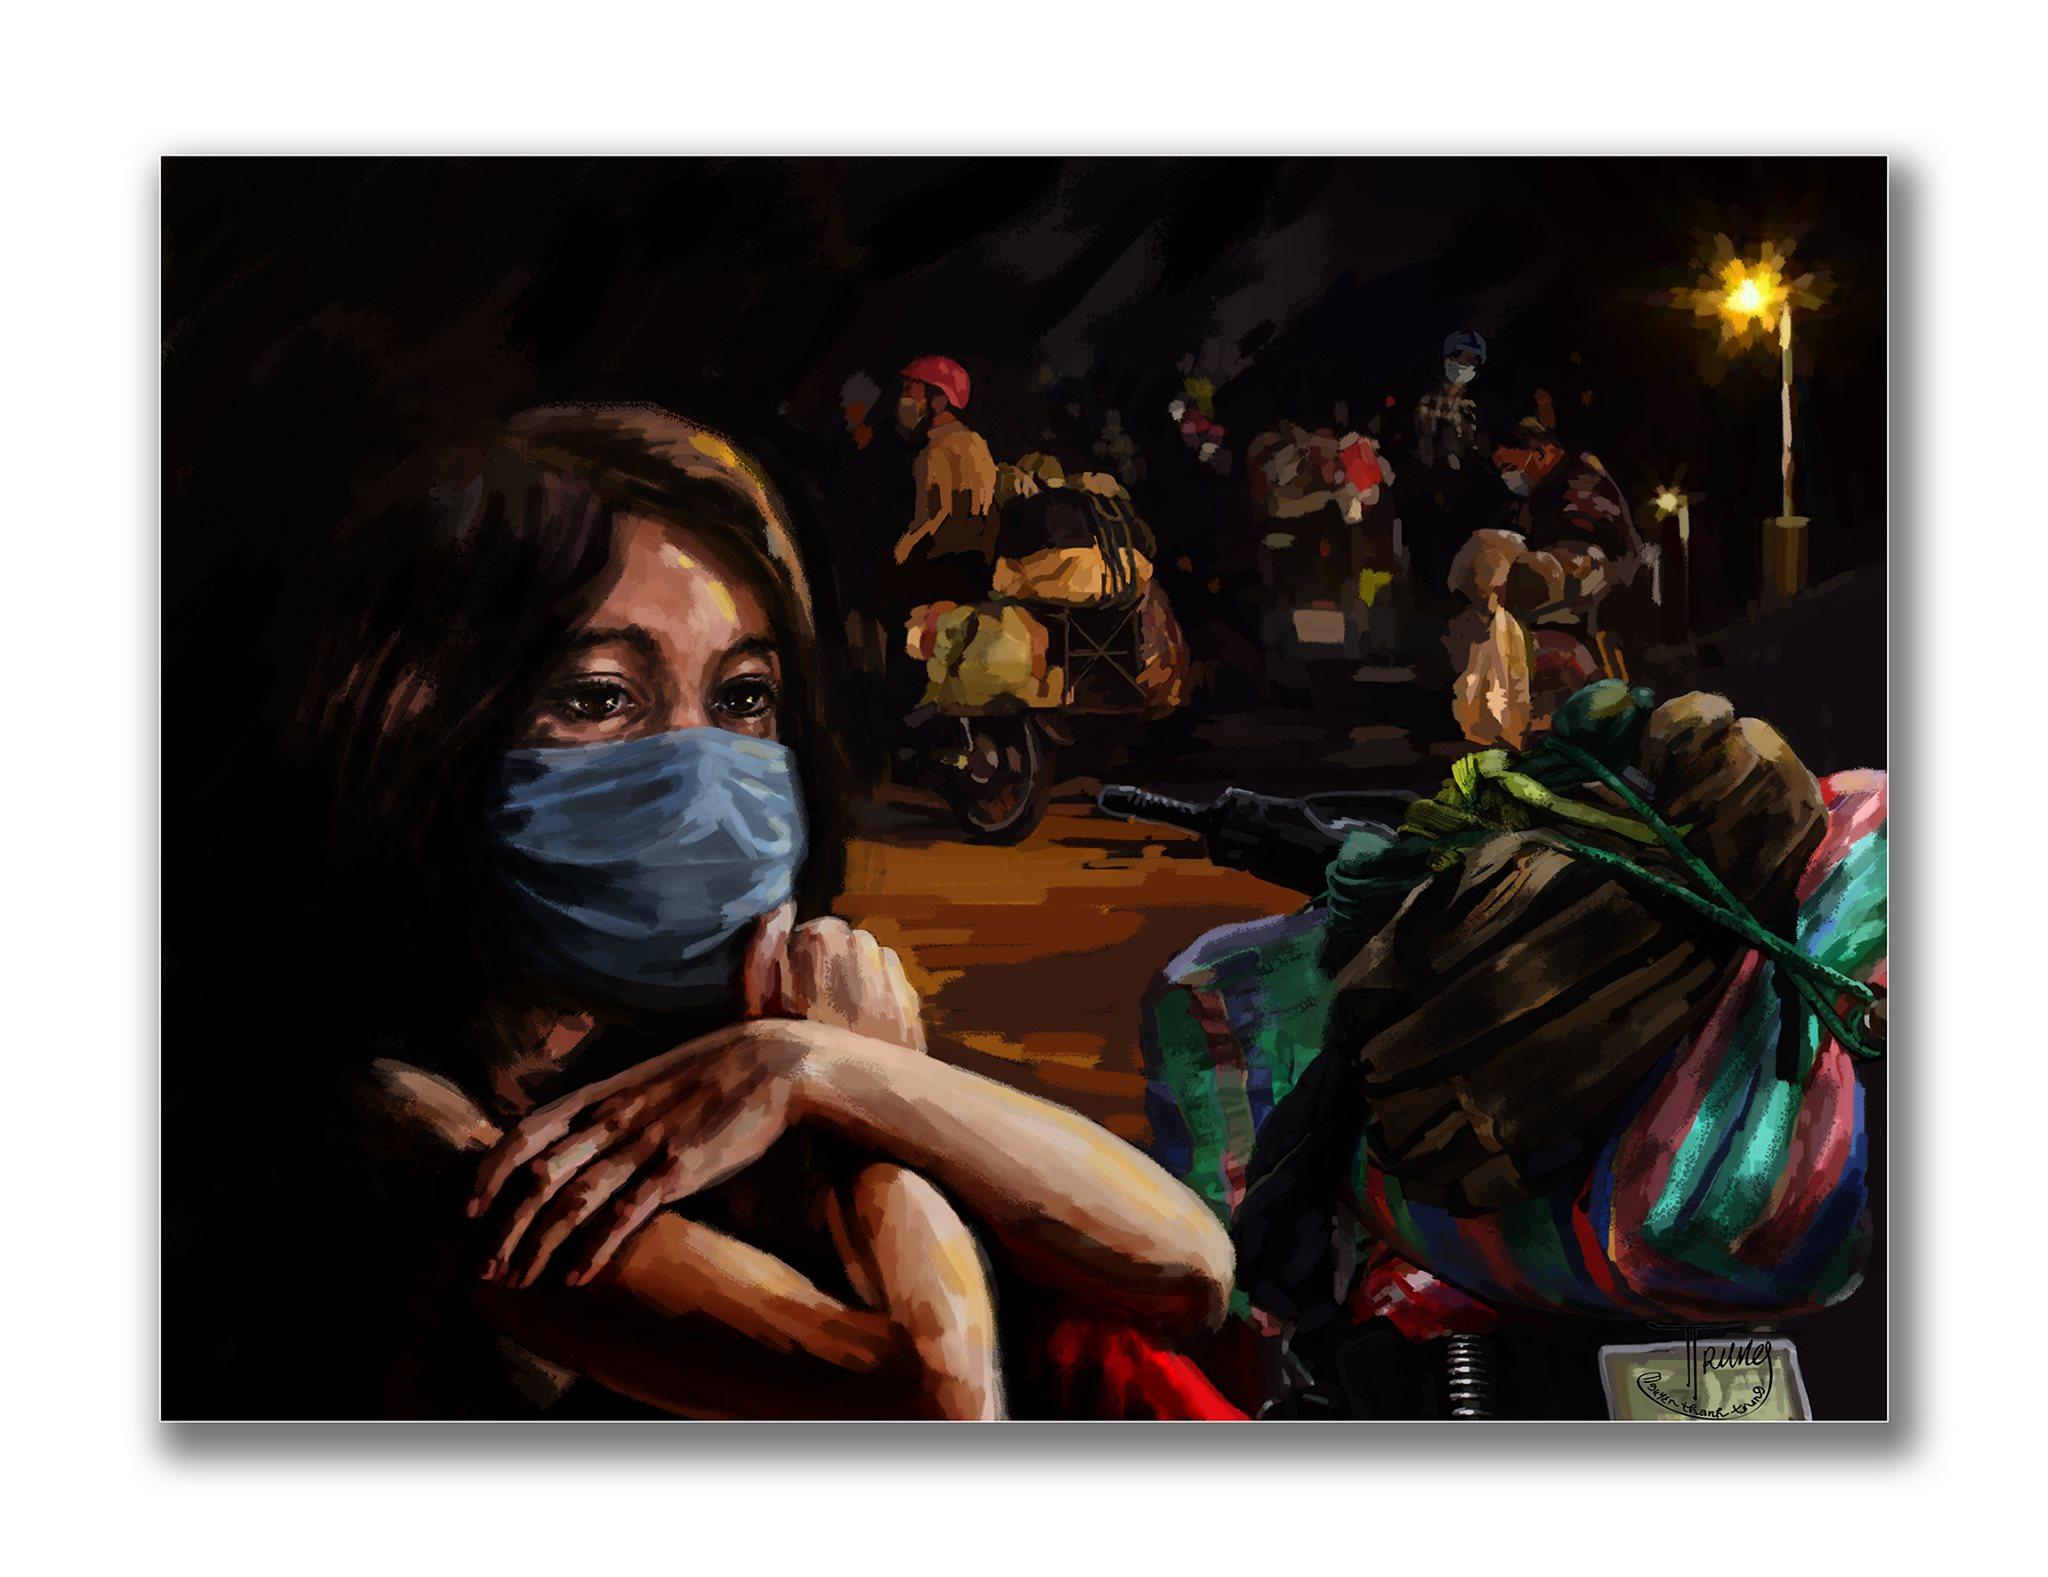 Tranh của họa sĩ Nguyễn Thành Trung về Sài Gòn âu lo nhưng ấm tình người - 9